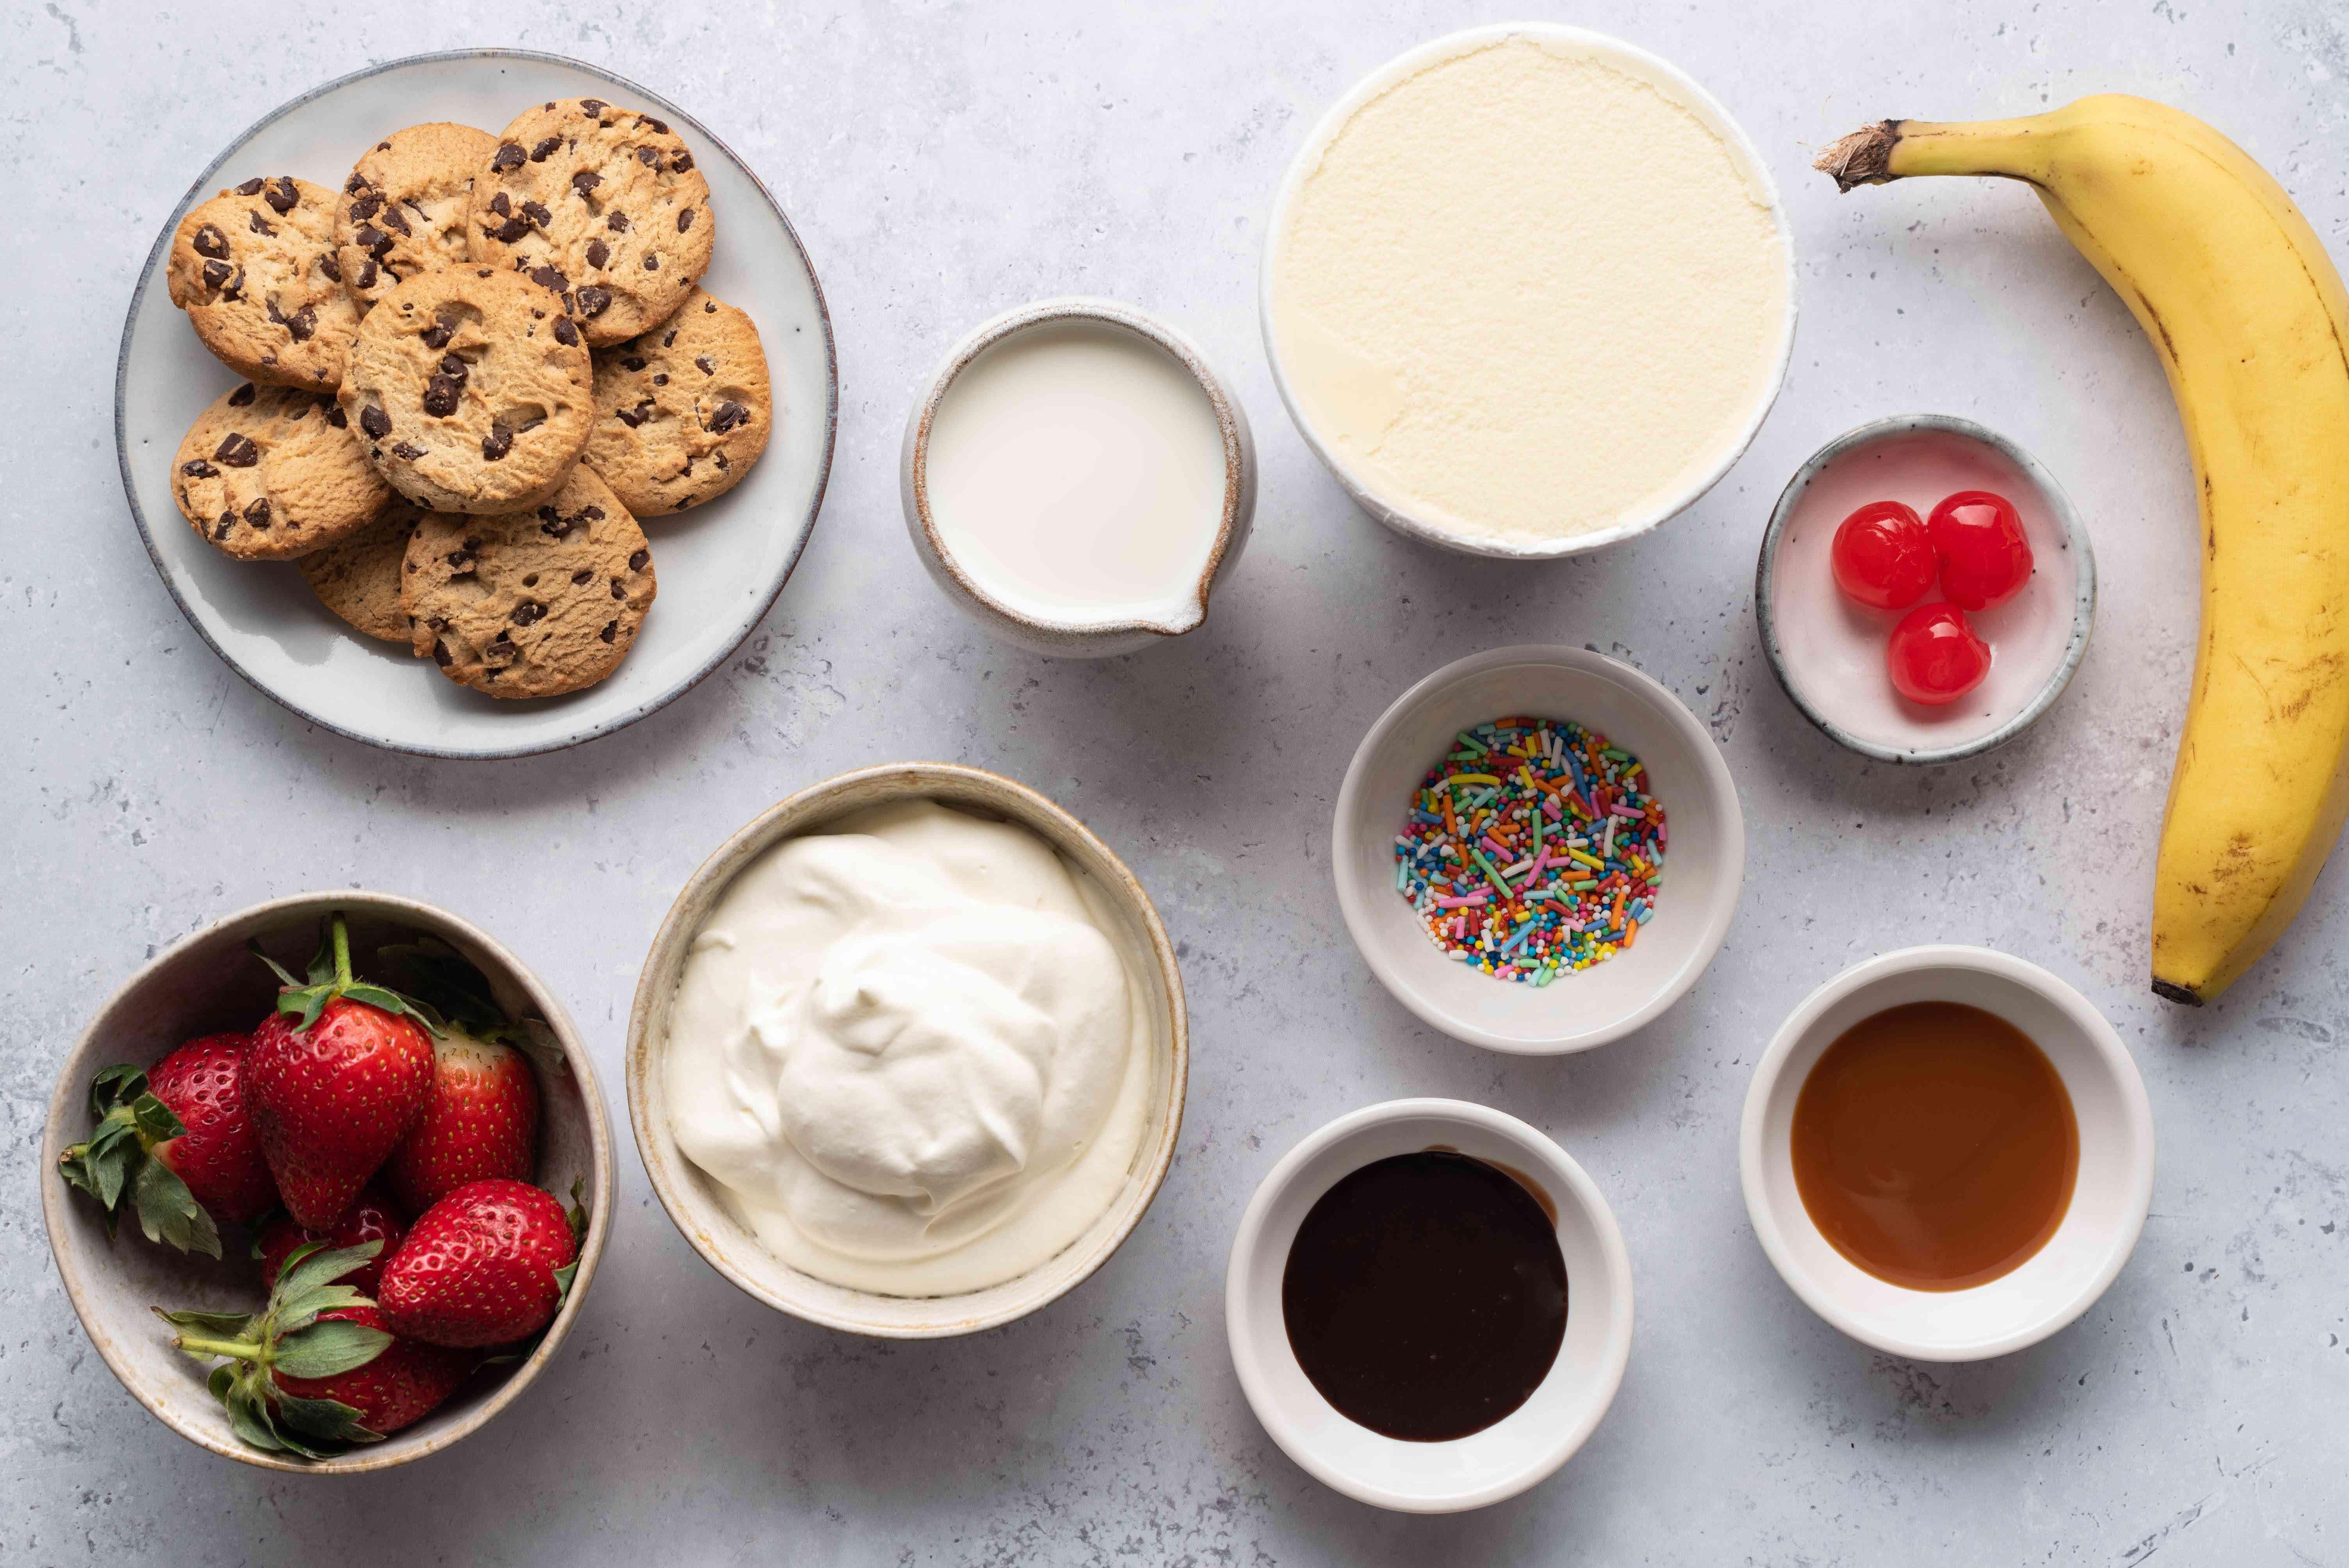 Cookie Milkshake ingredients